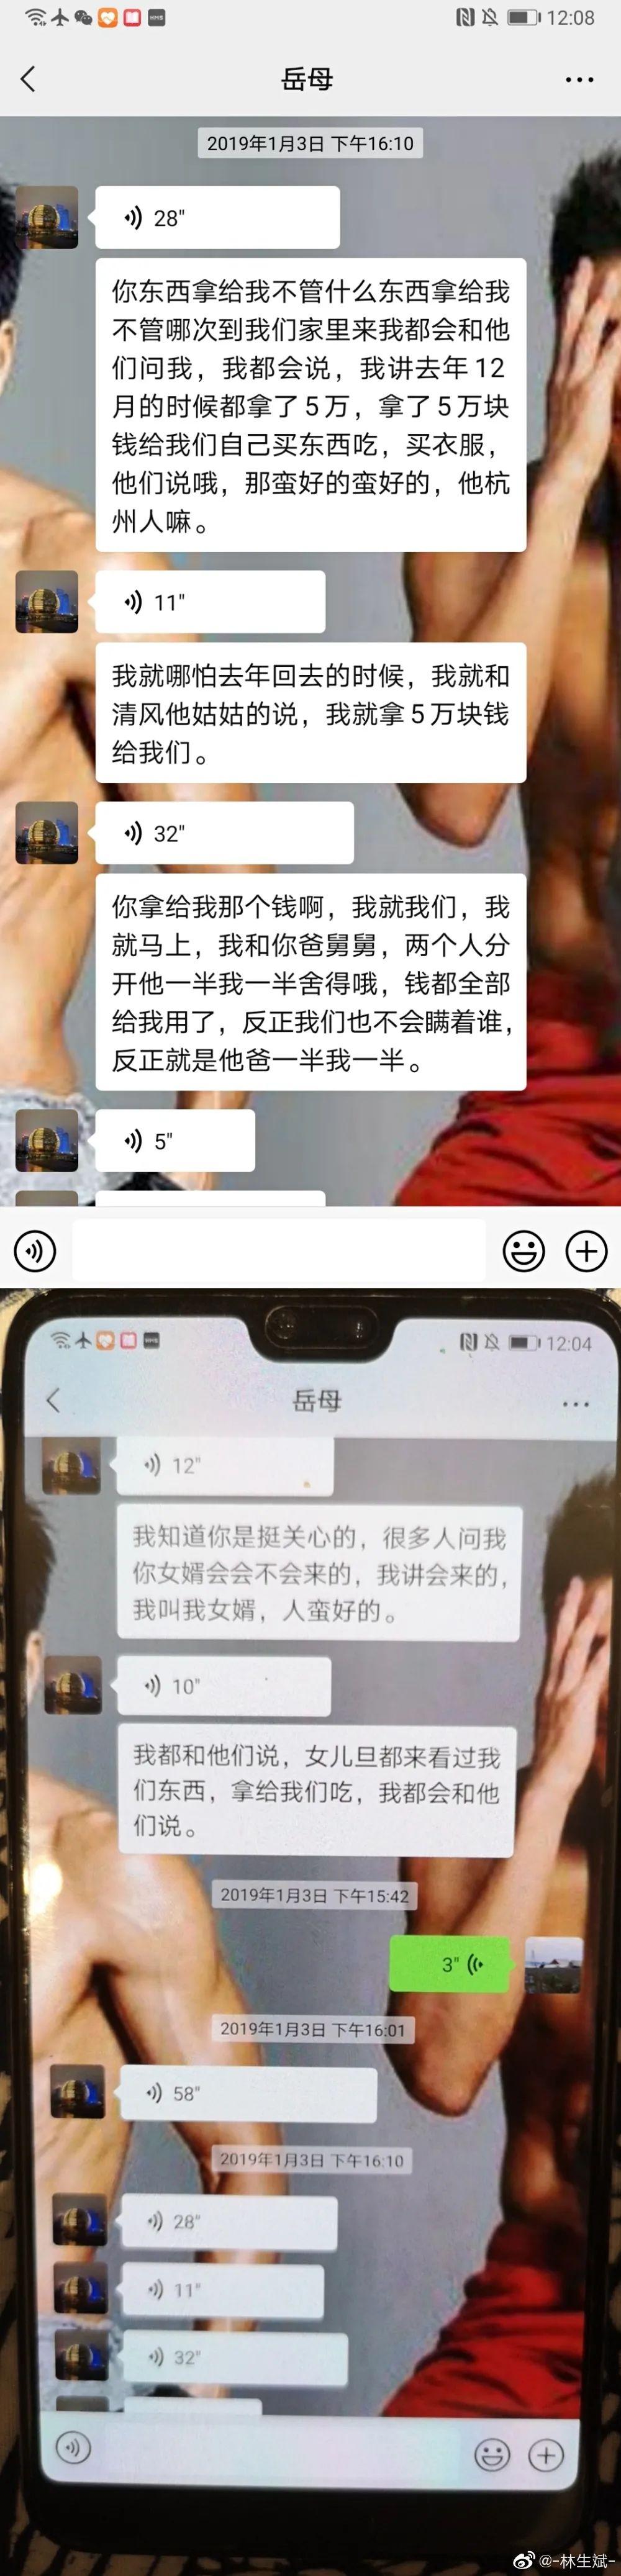 刚刚,林生斌连发5条微博,你还会选择继续相信他吗?